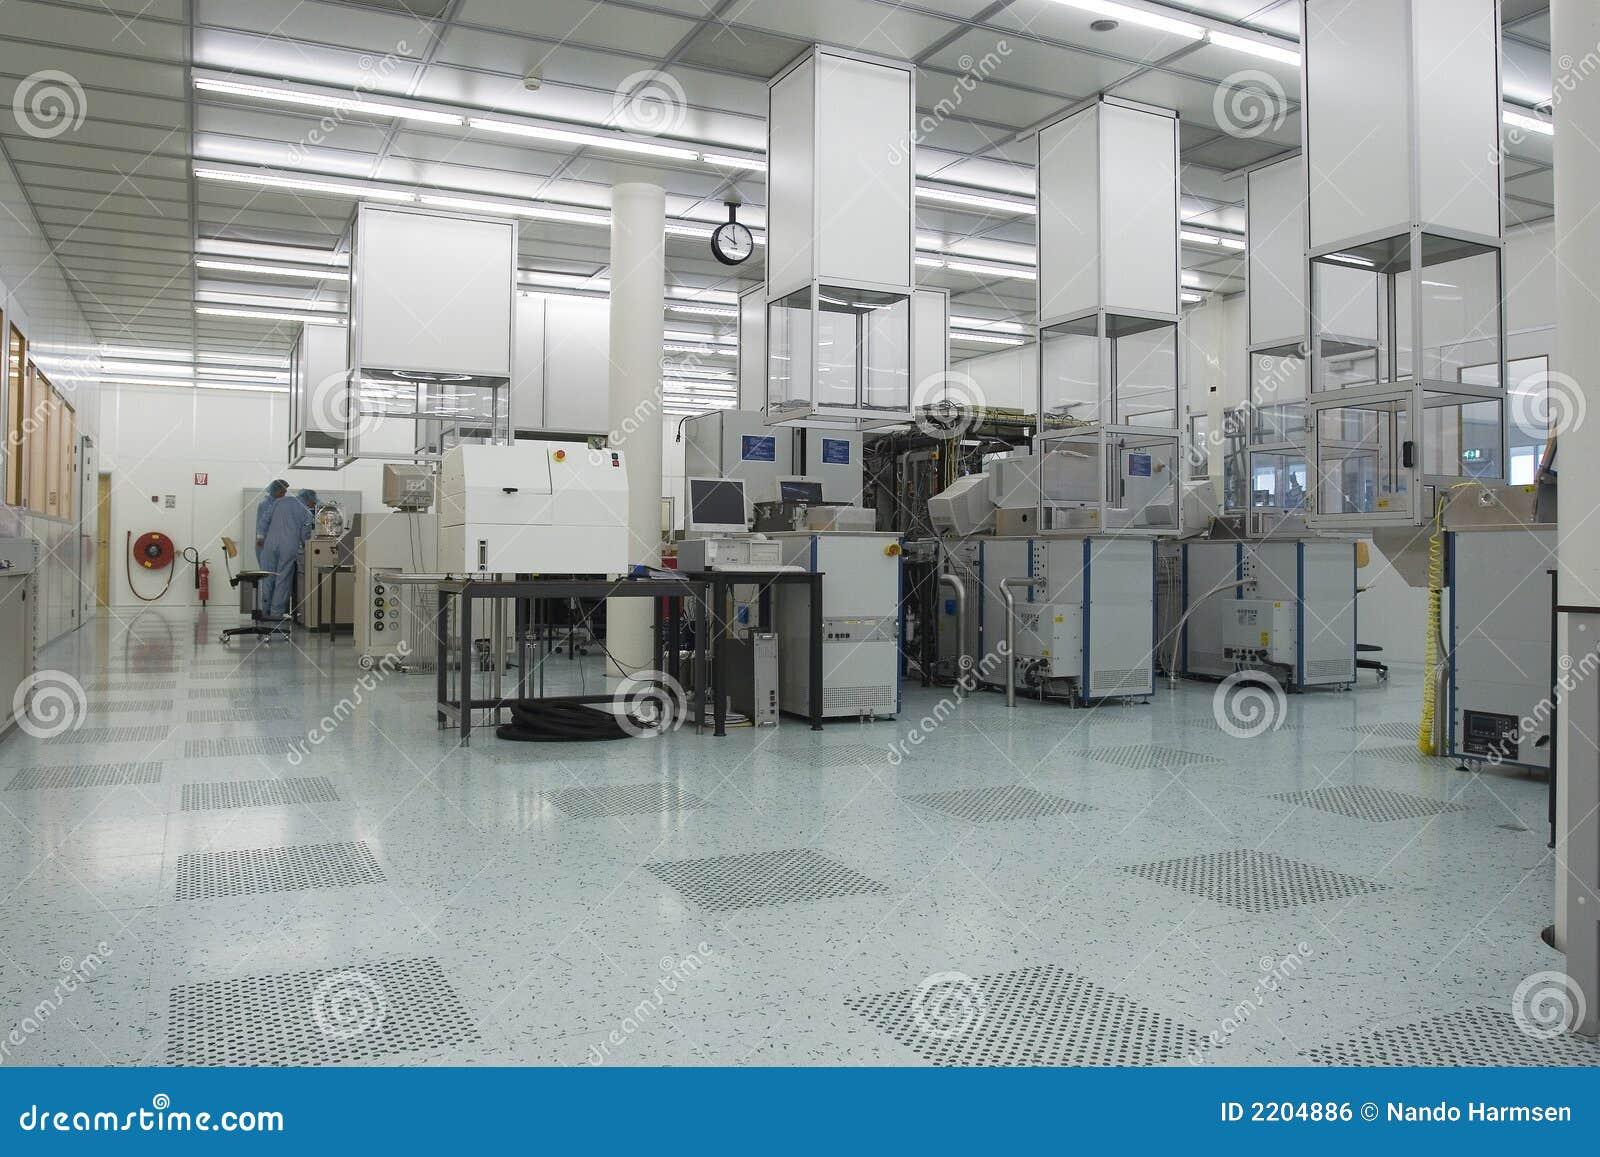 Cleanroom II